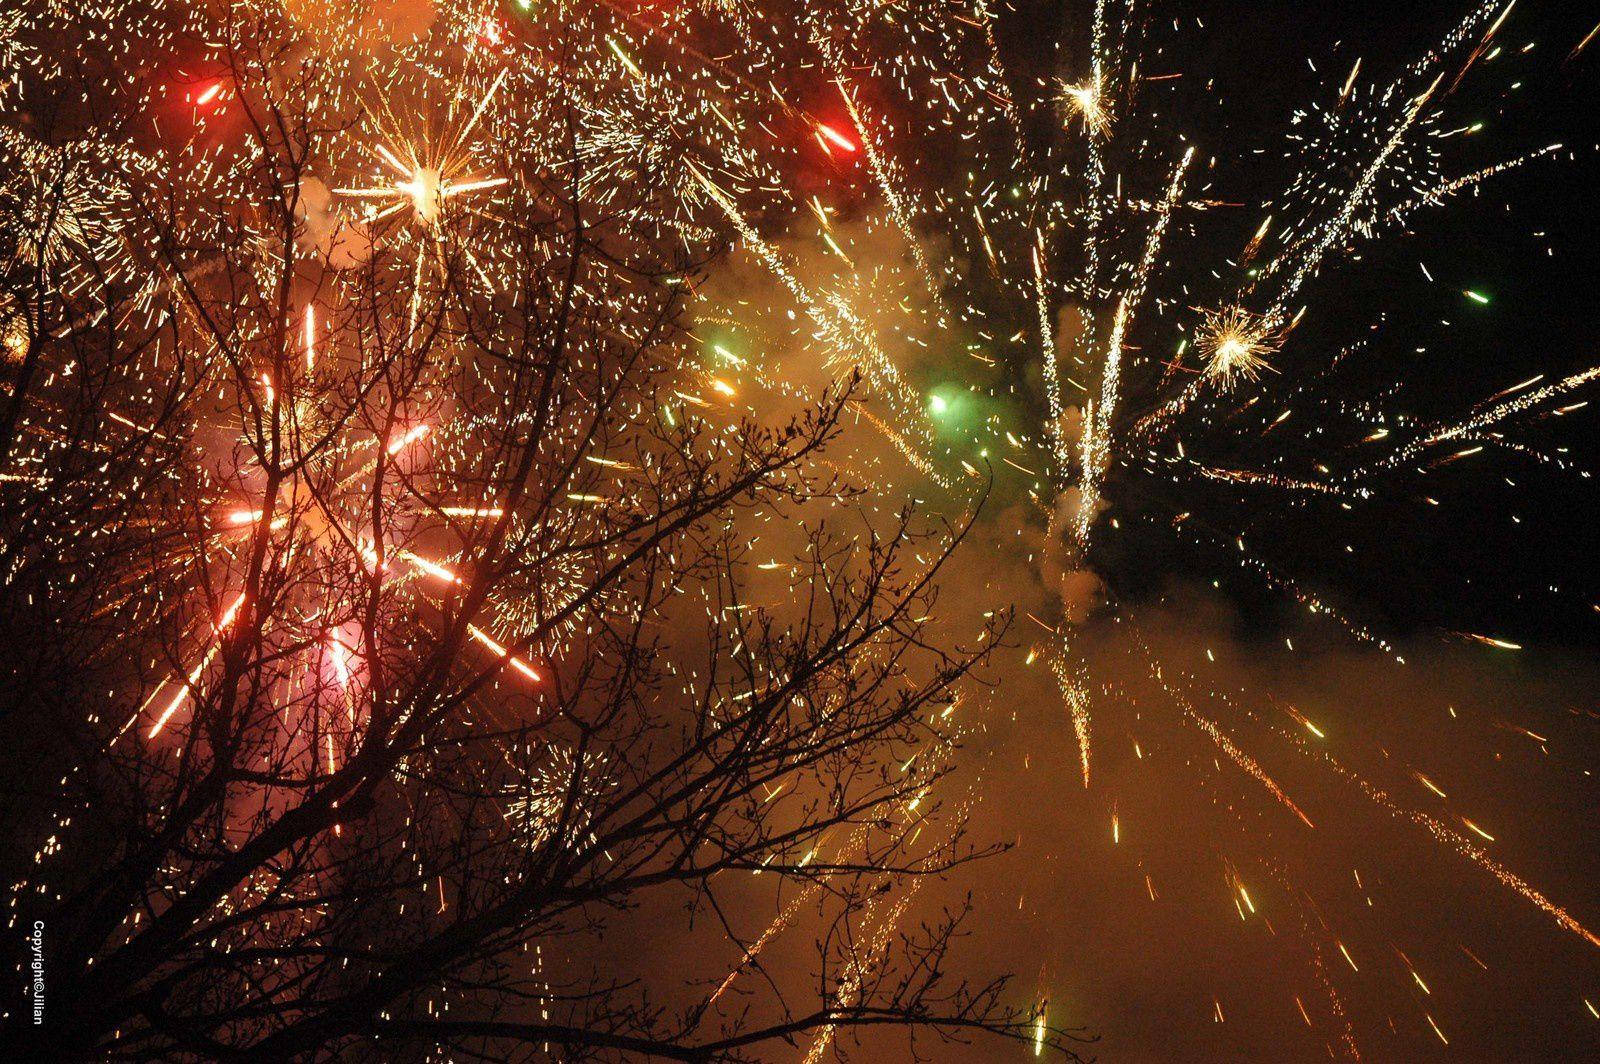 Fête du Printemps : bienvenue à l'année du Singe ! - 春节 :猴年大吉